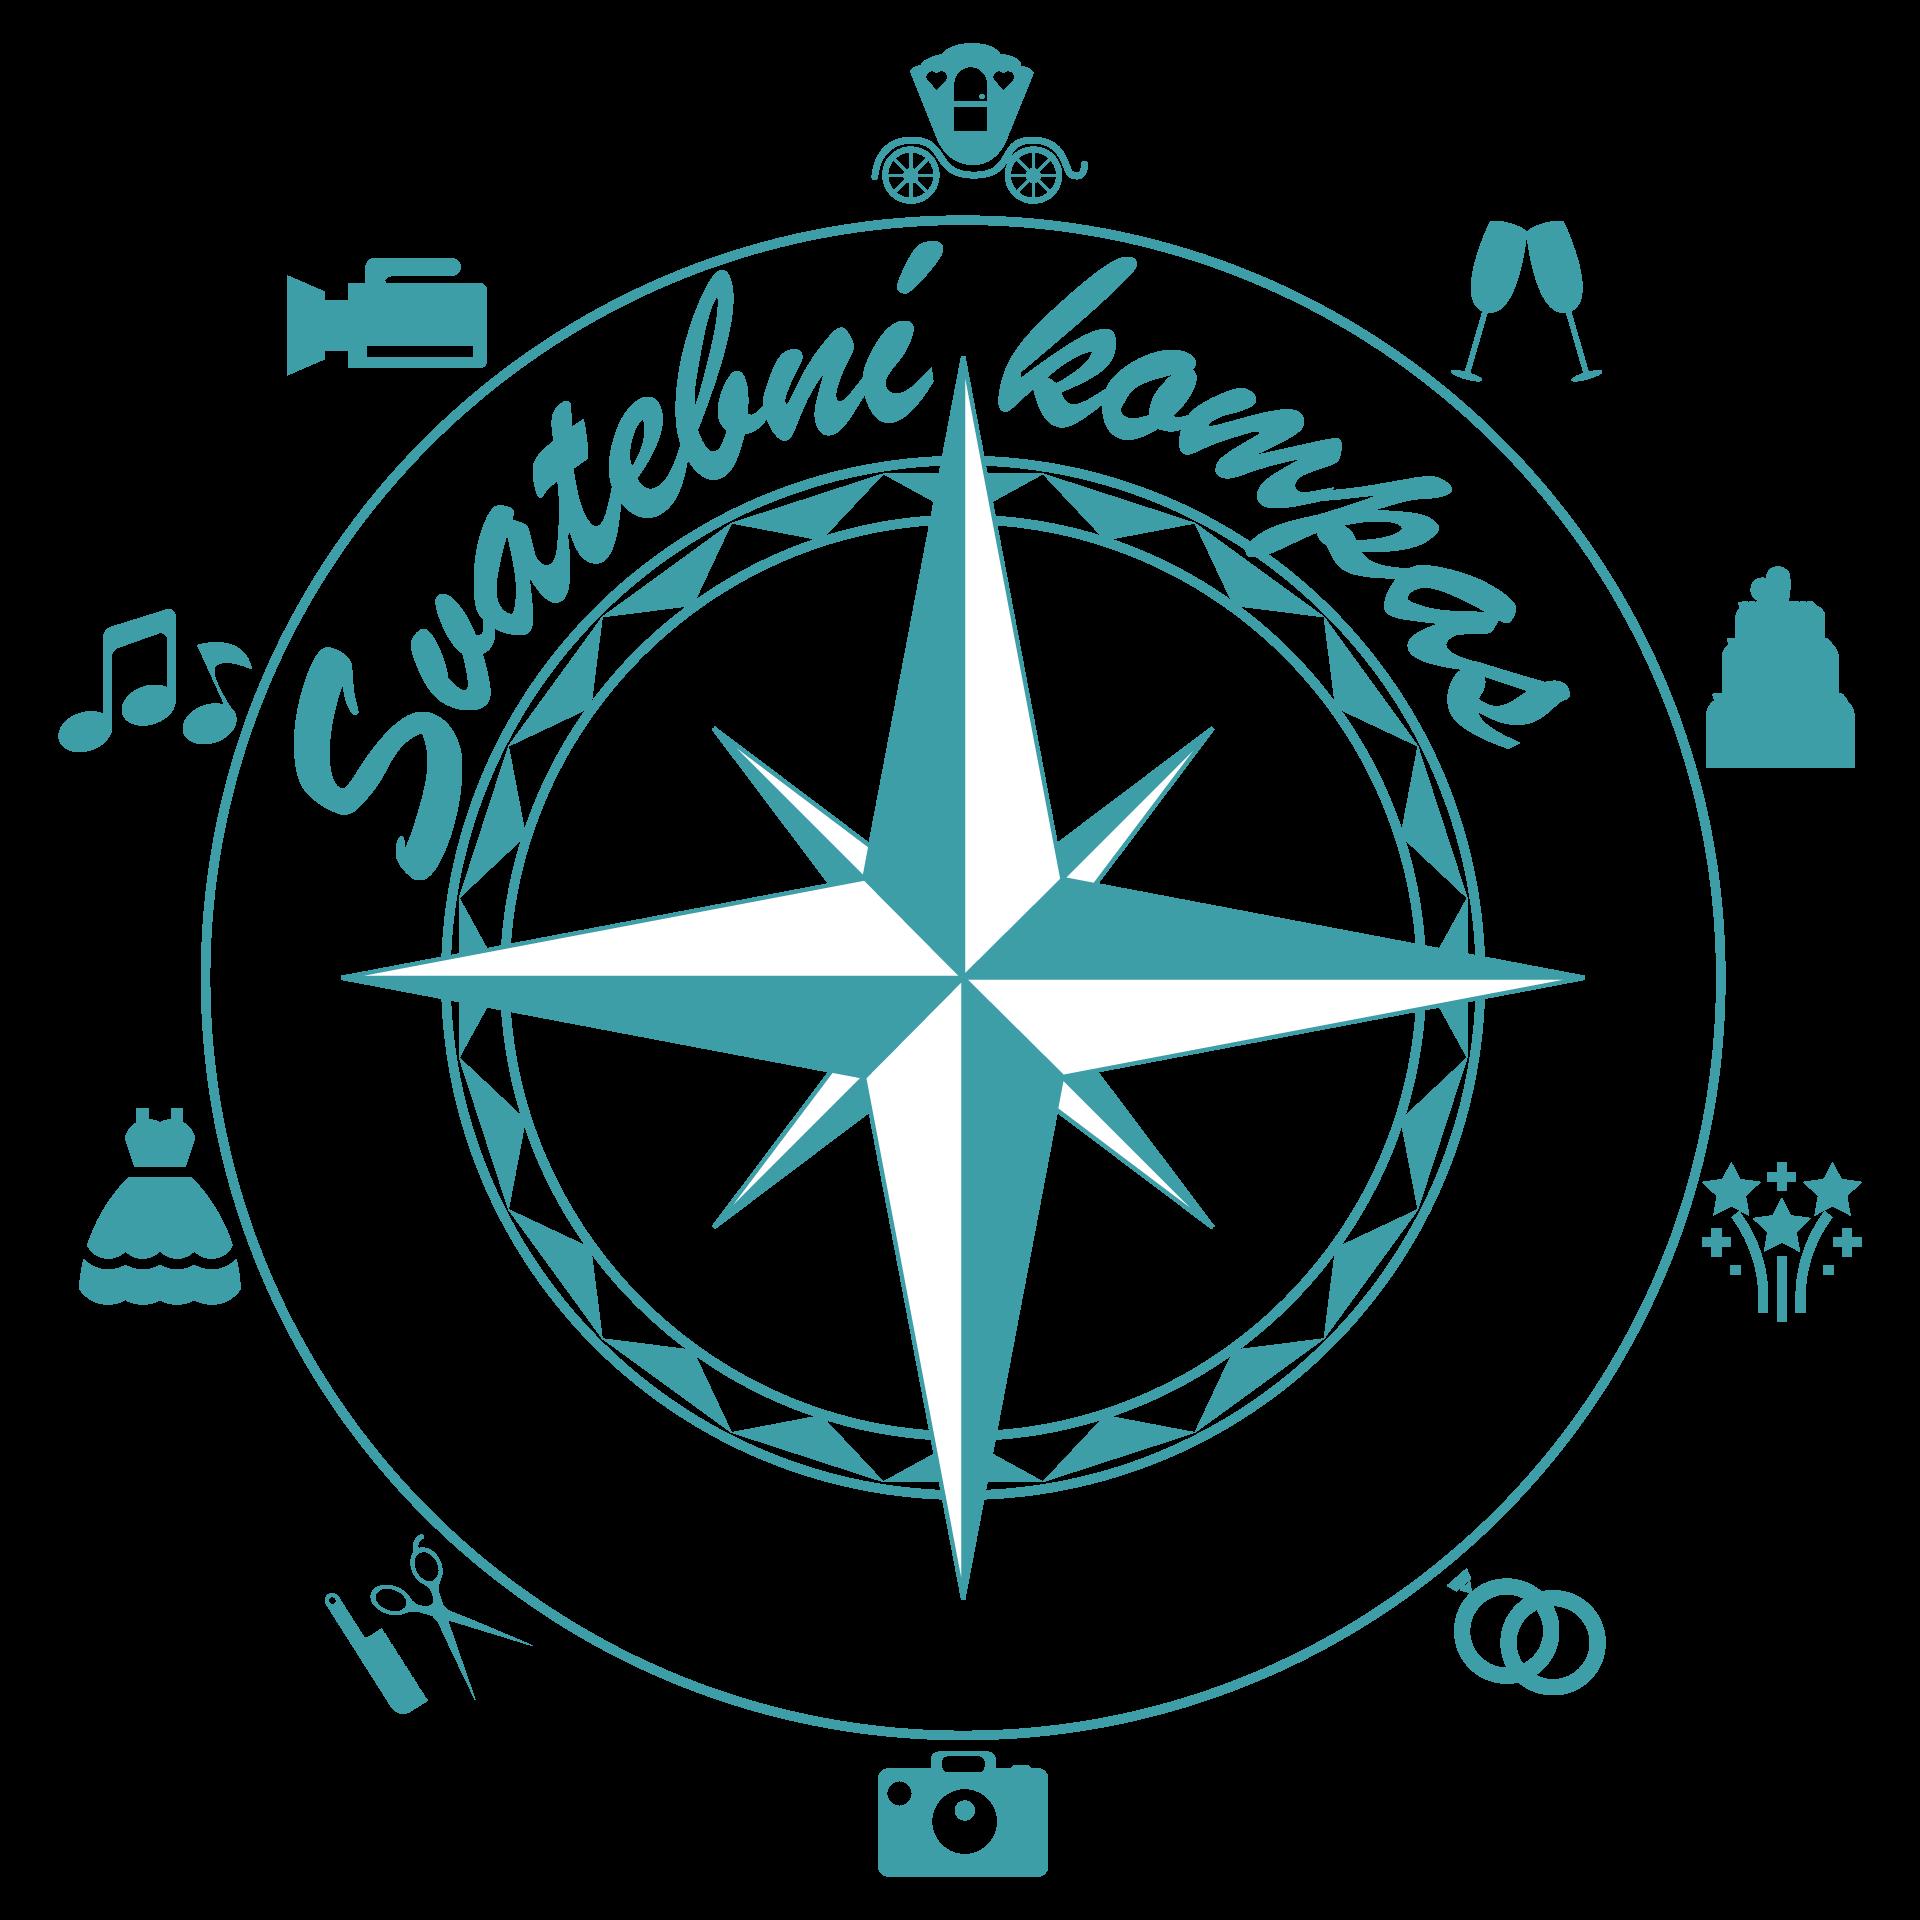 Svatební místa - Svatební kompas